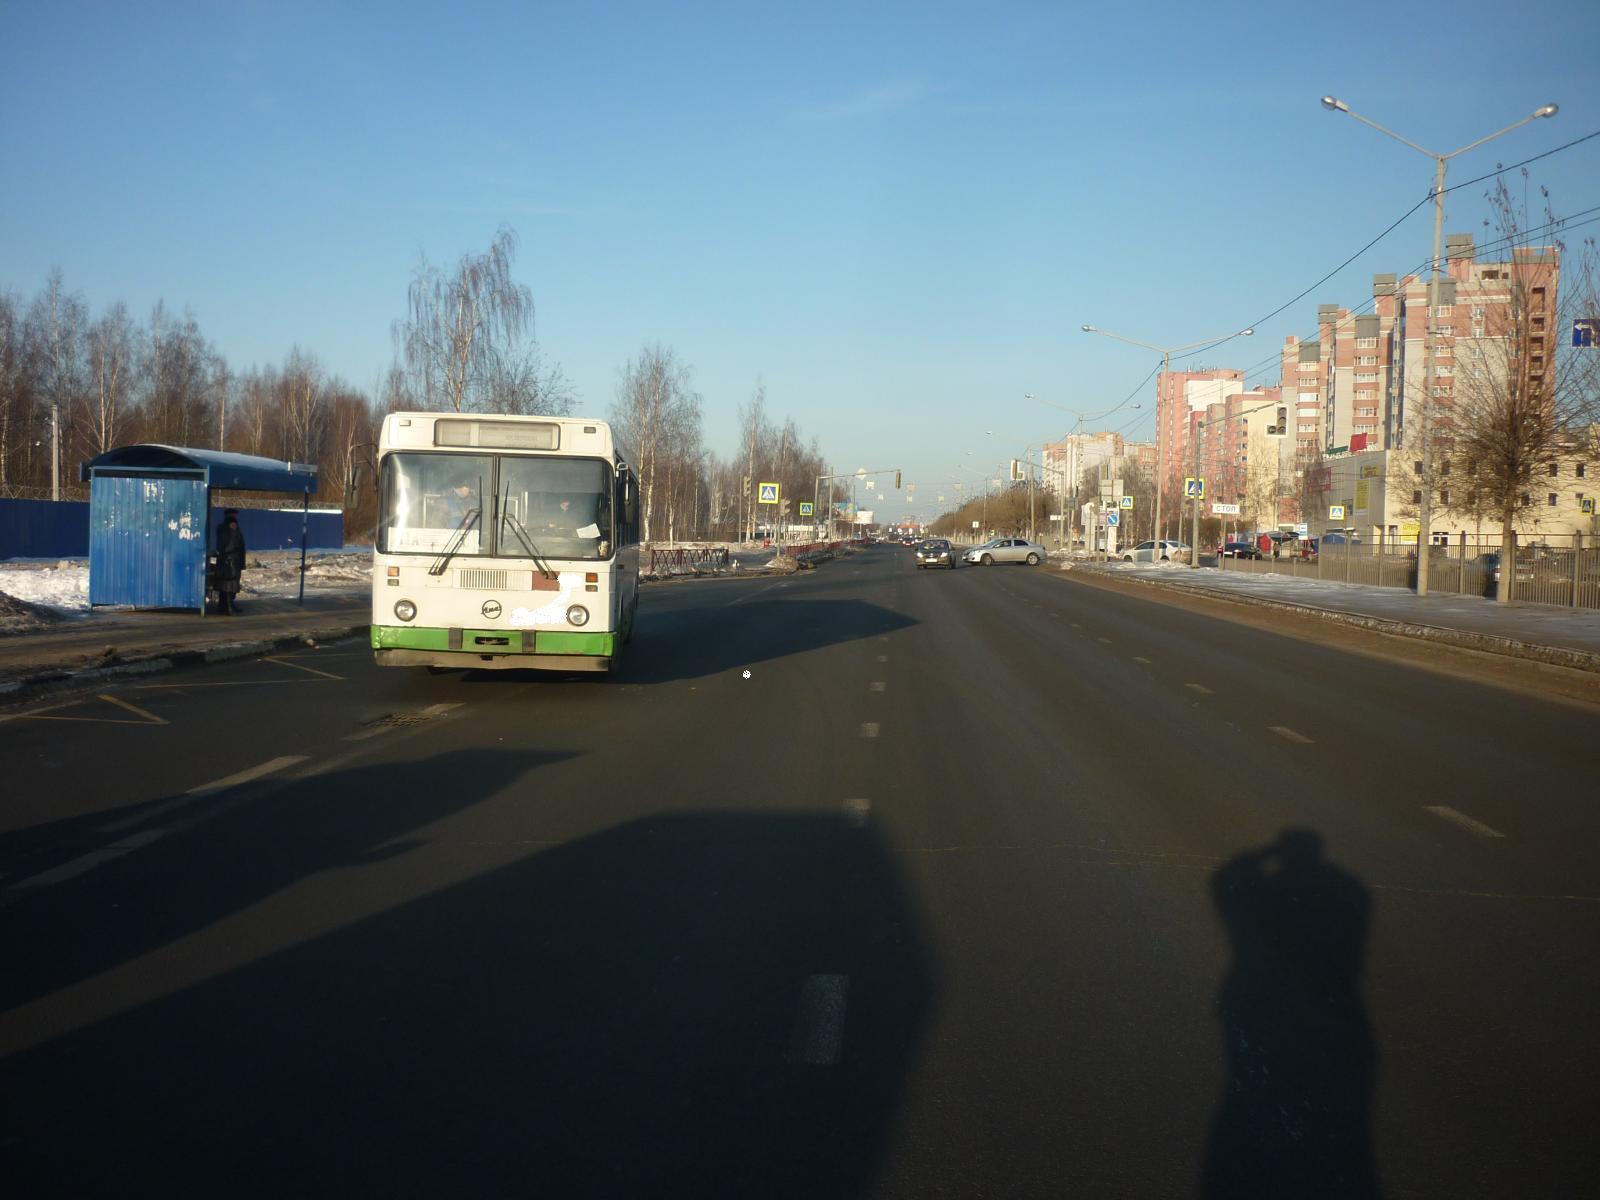 Опасные автобусы: ярославцы получили травмы в общественном транспорте